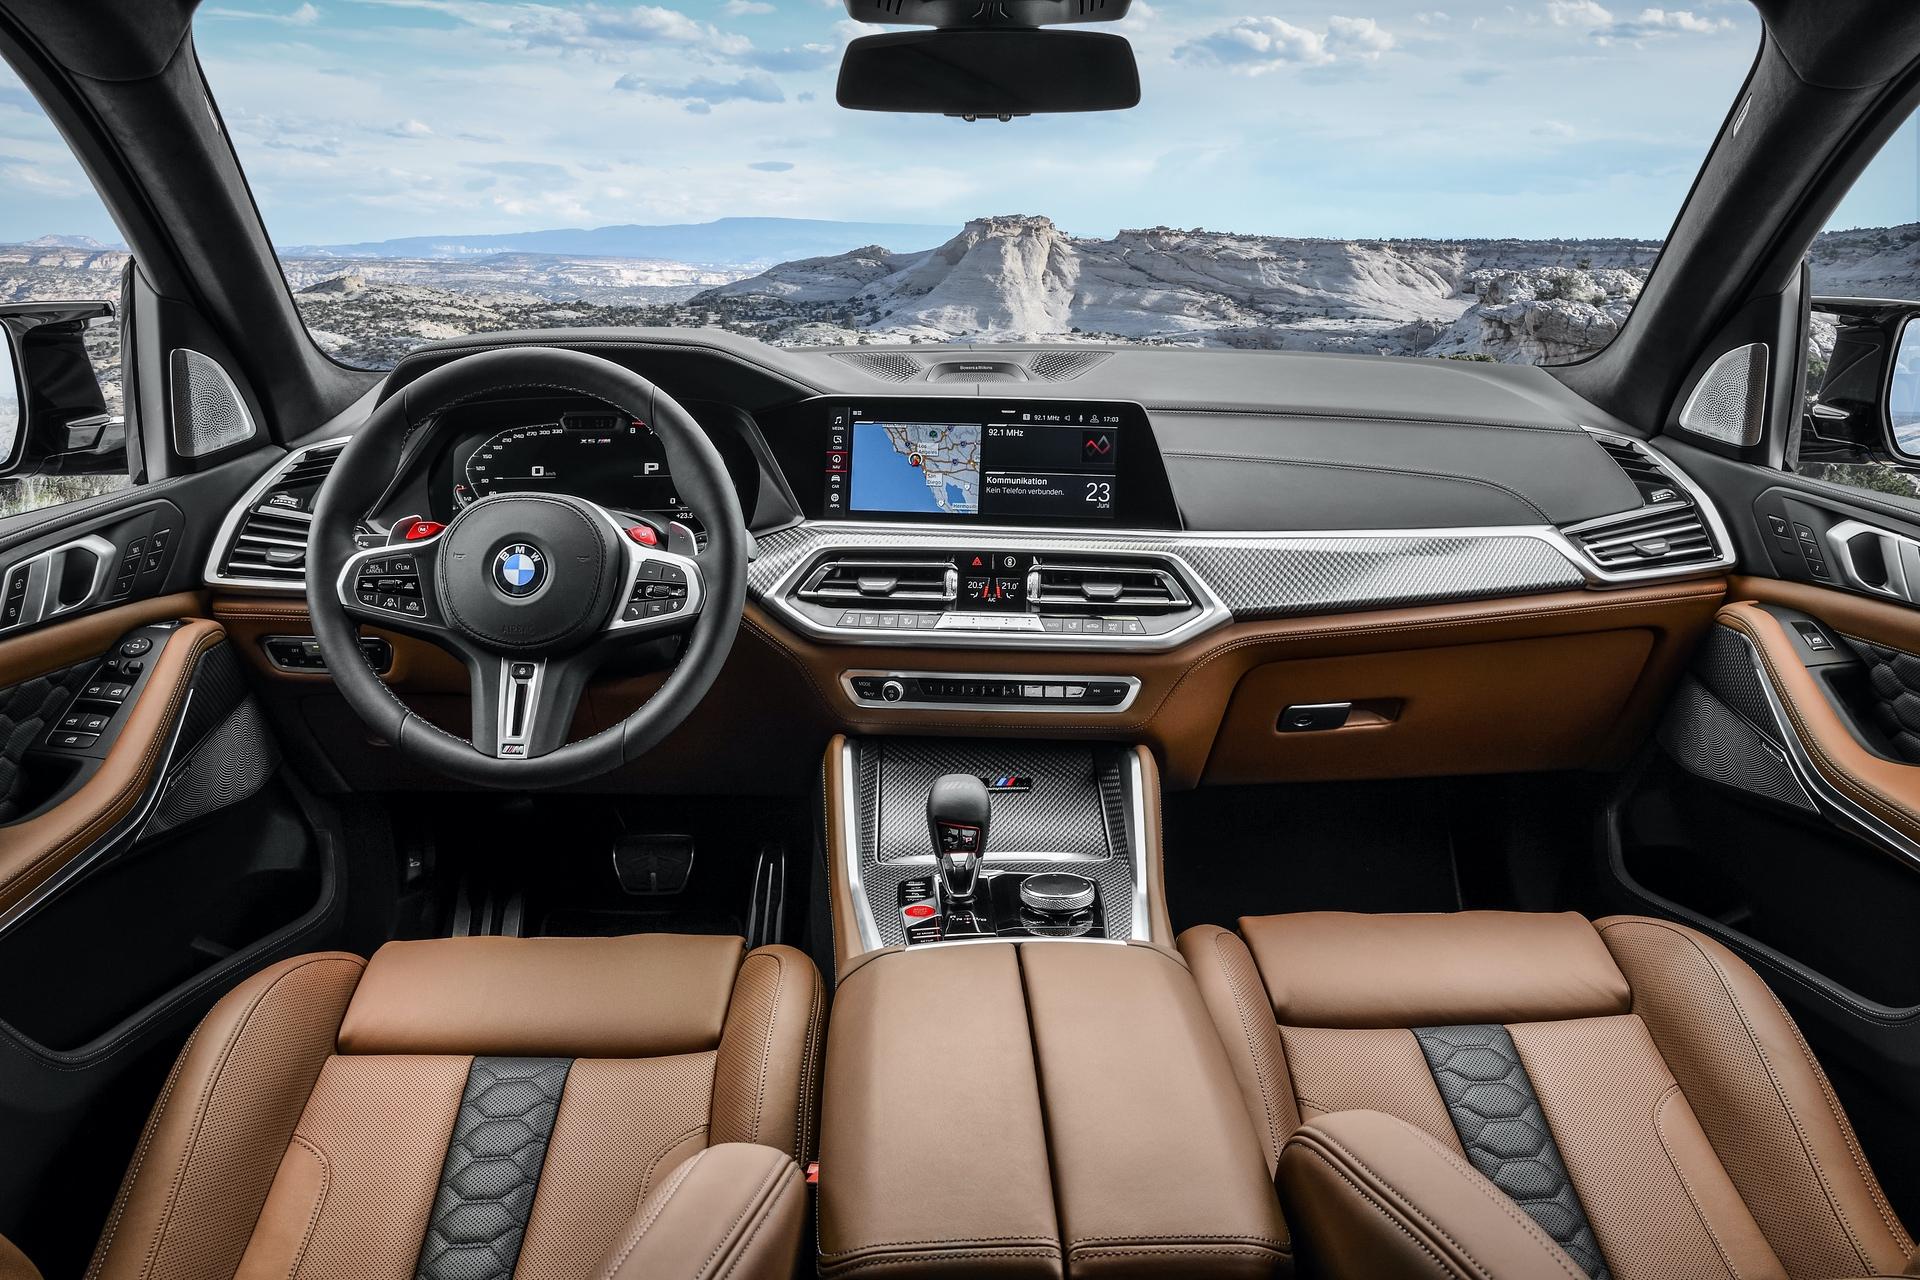 2020 Next Gen BMW X5 Suv Price